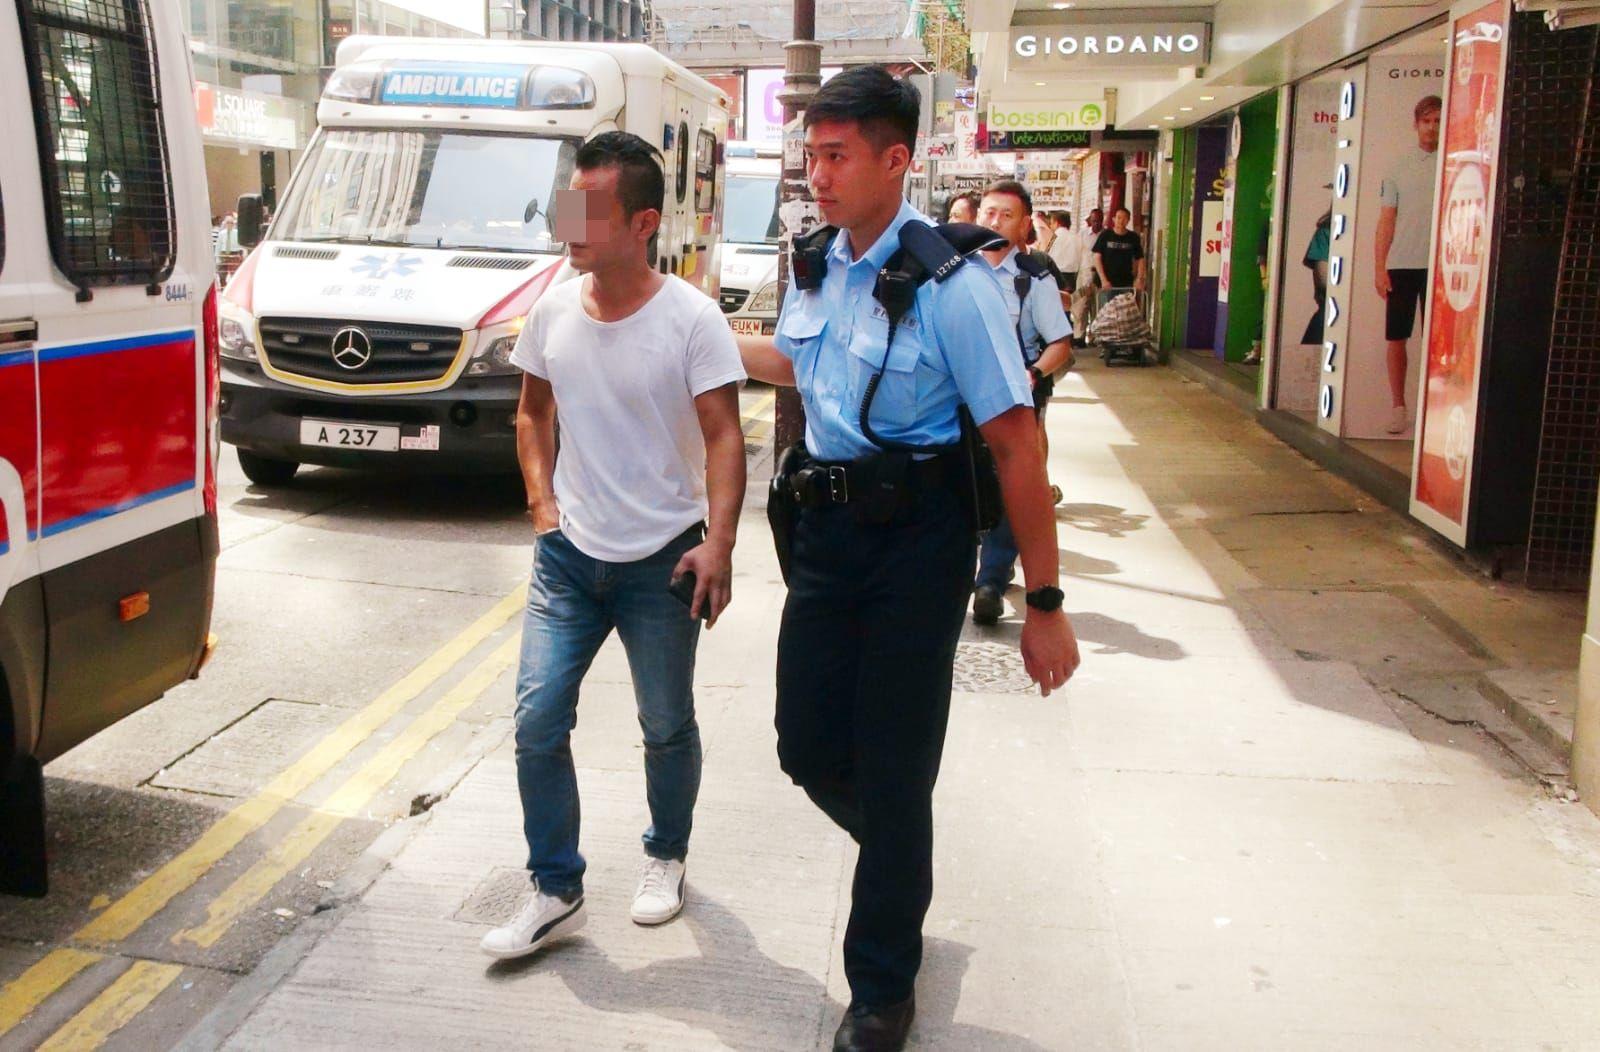 警方在現場拘捕兩名搬運工人。林思明攝